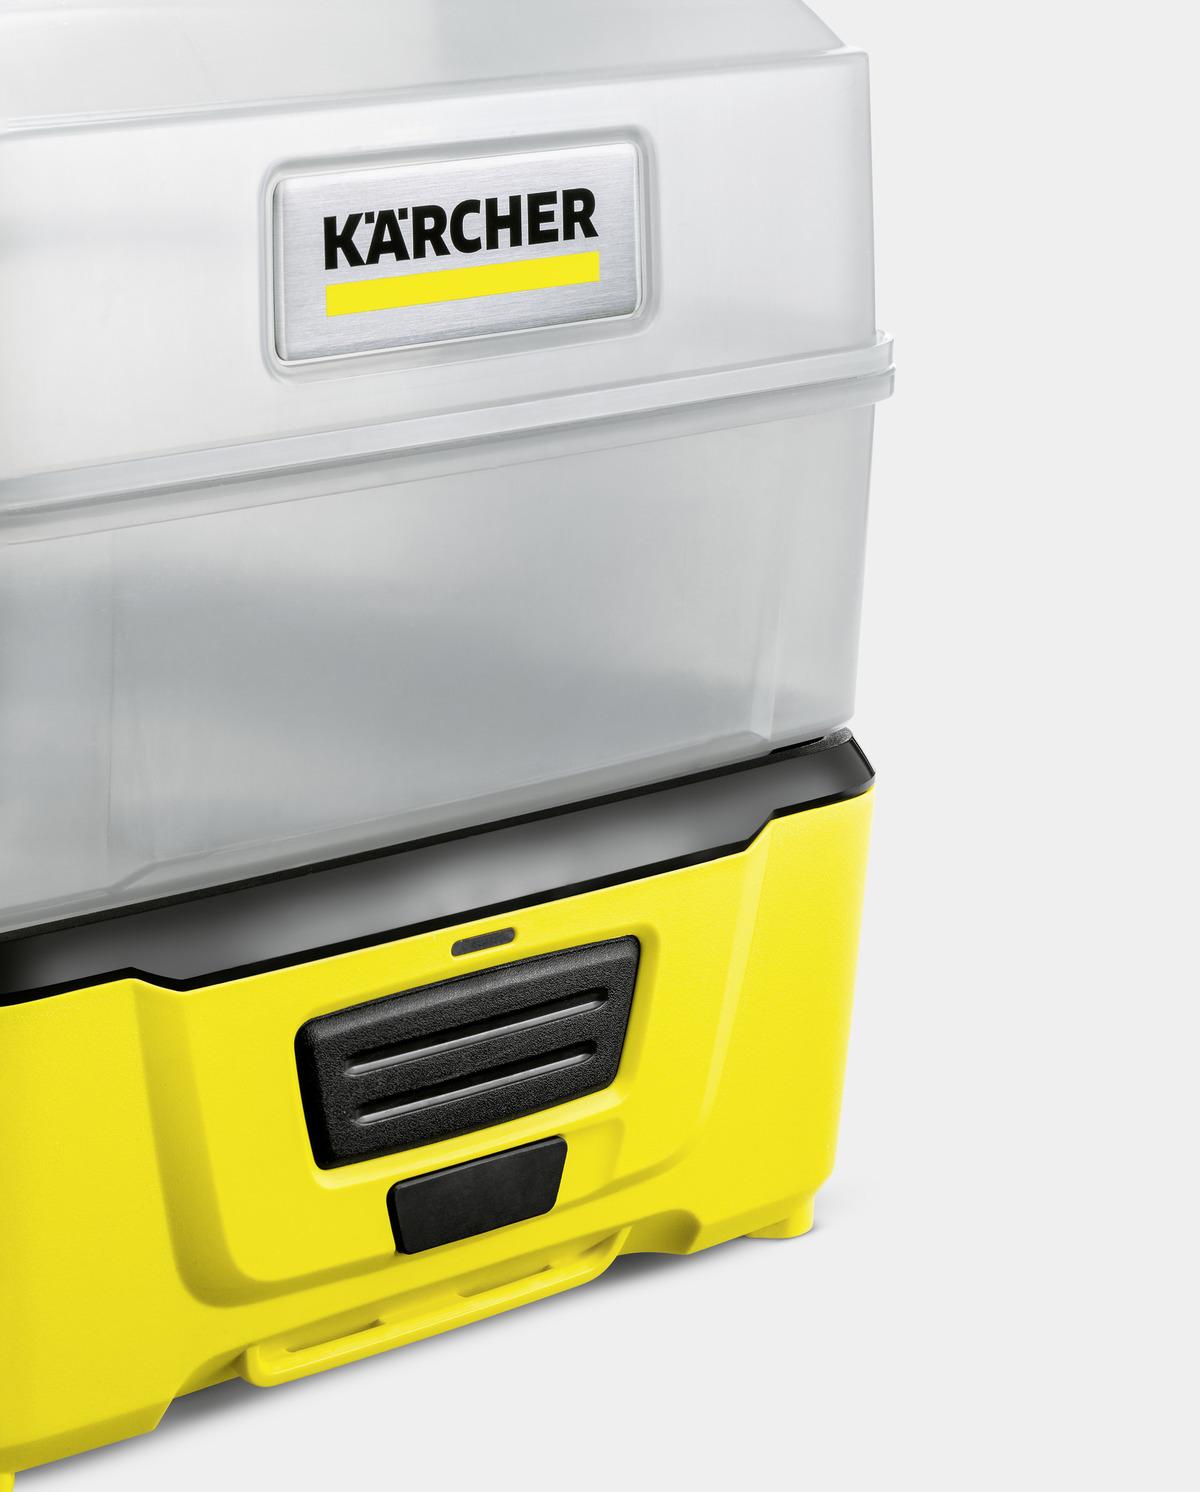 Kacher-mobilni-čistač-Karcher-OC-3-Plus (4)